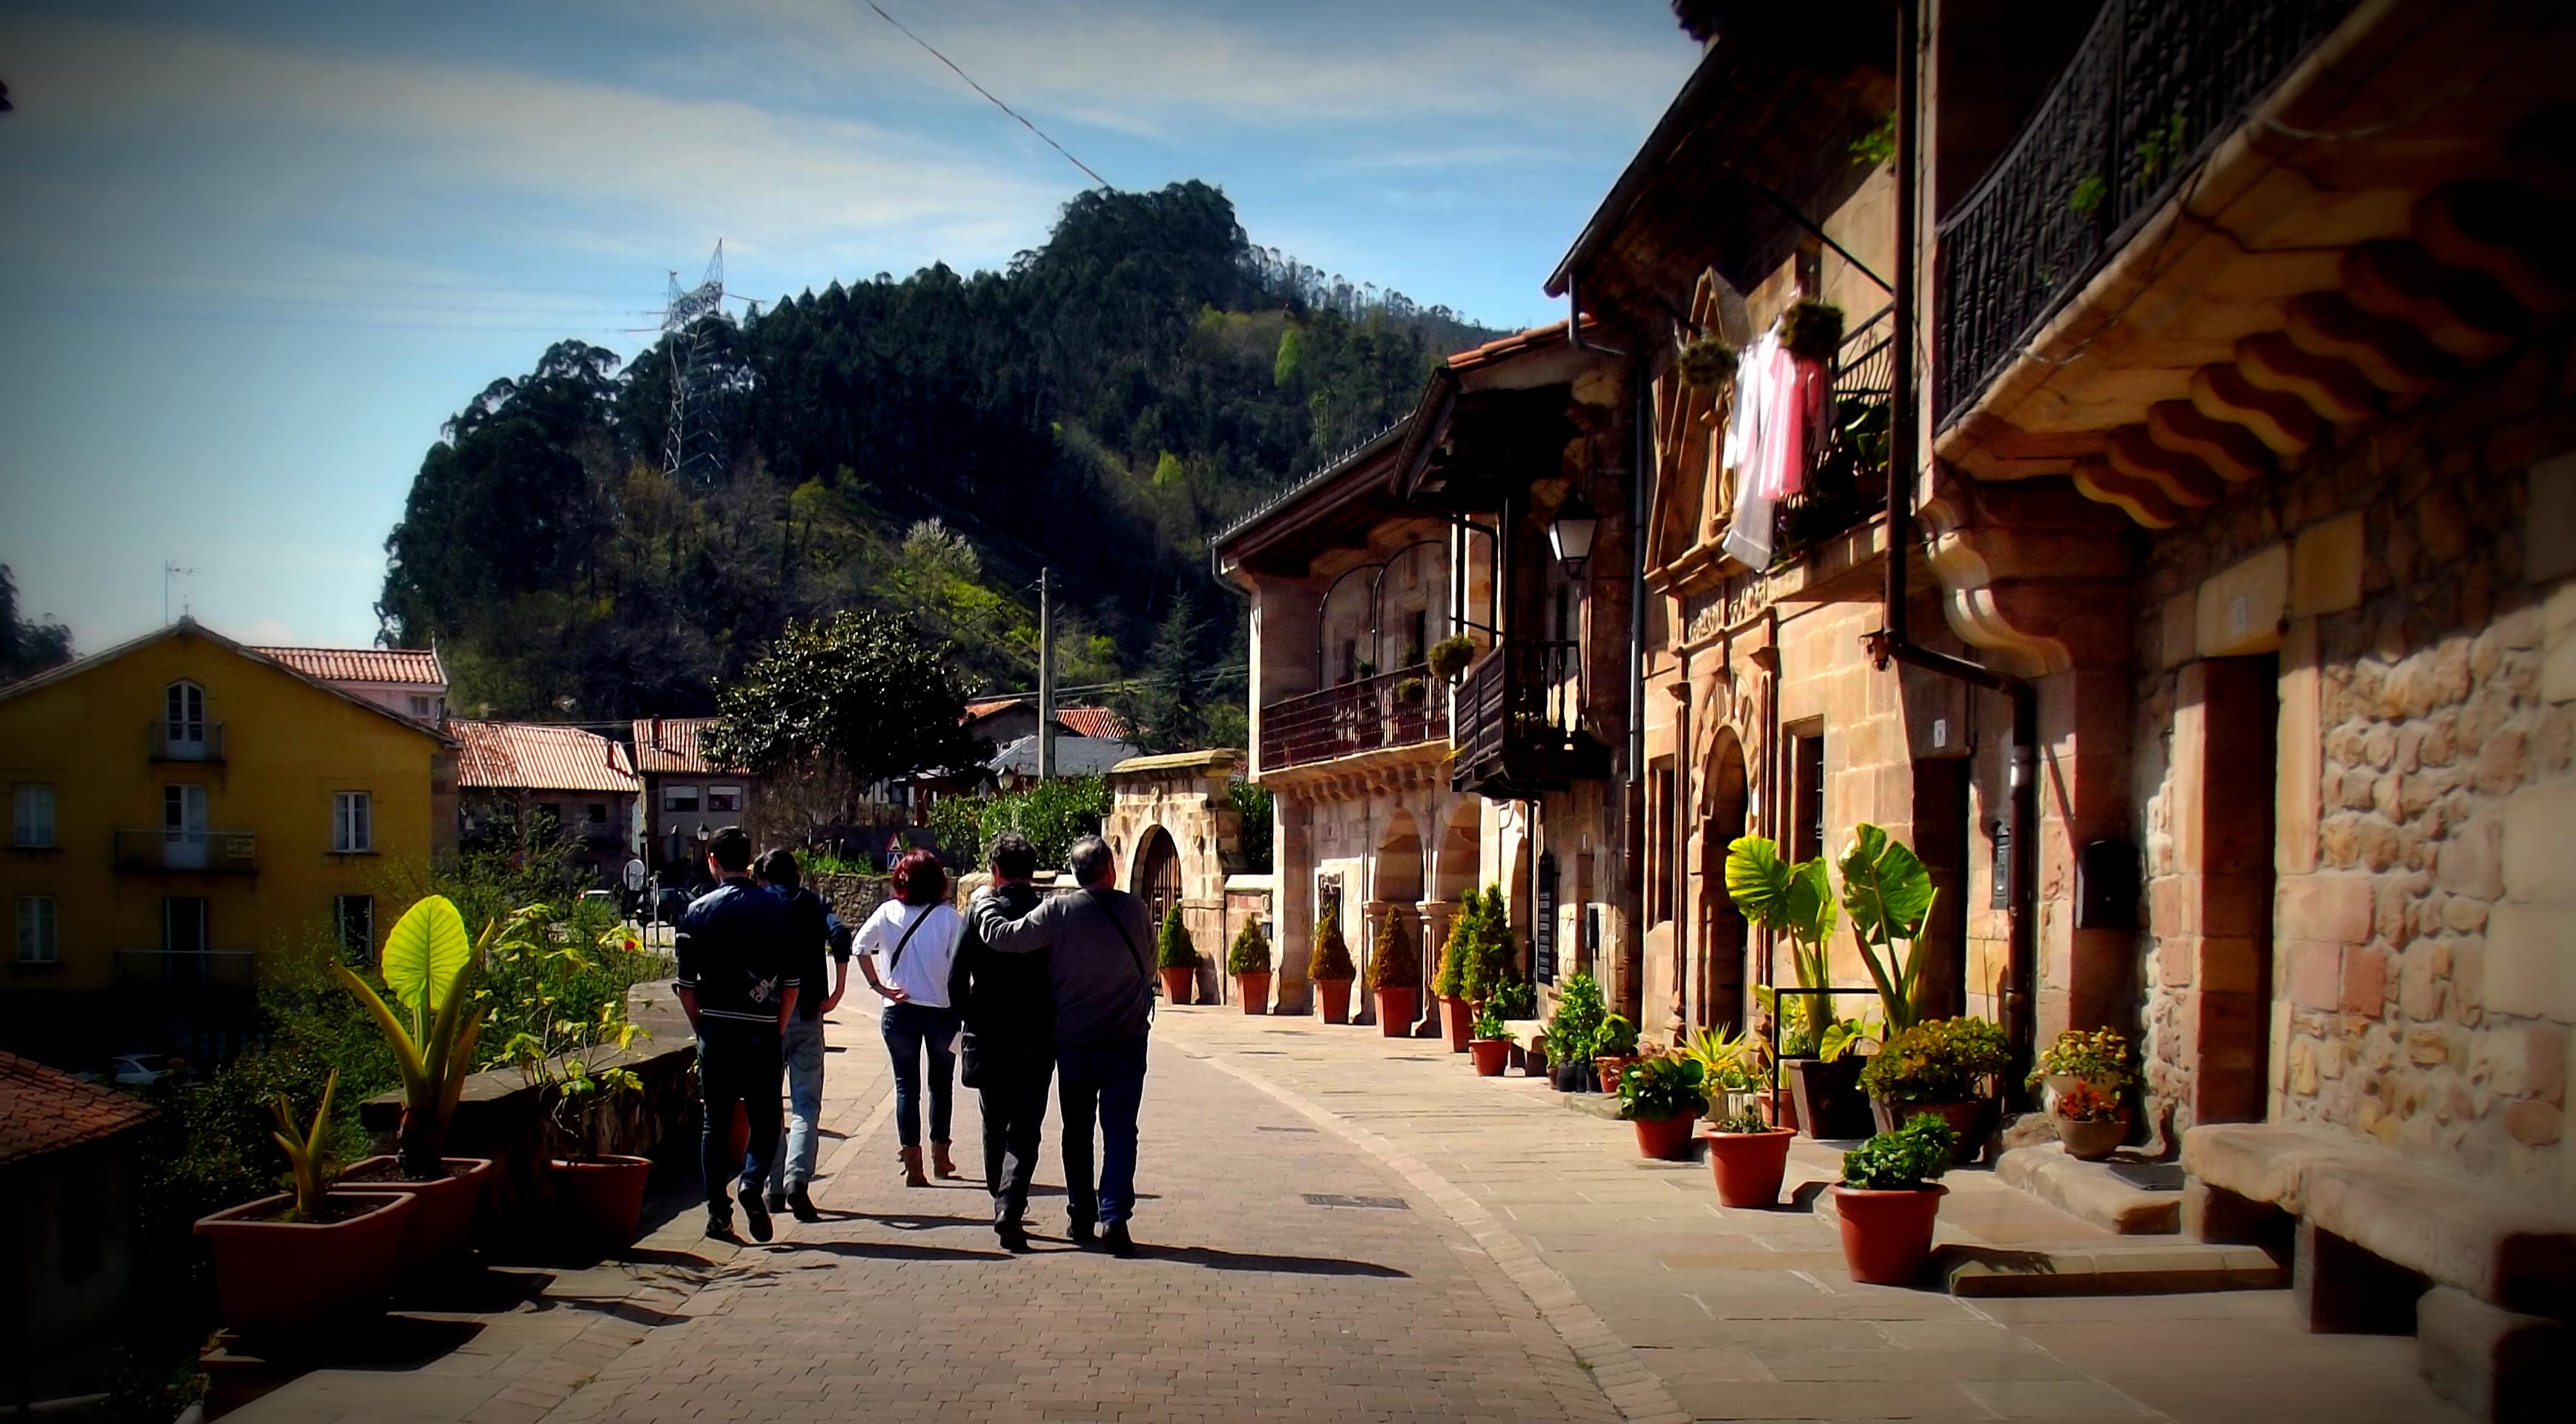 DSCF0265 Ruta por el Besaya (Cantabria) Rutas